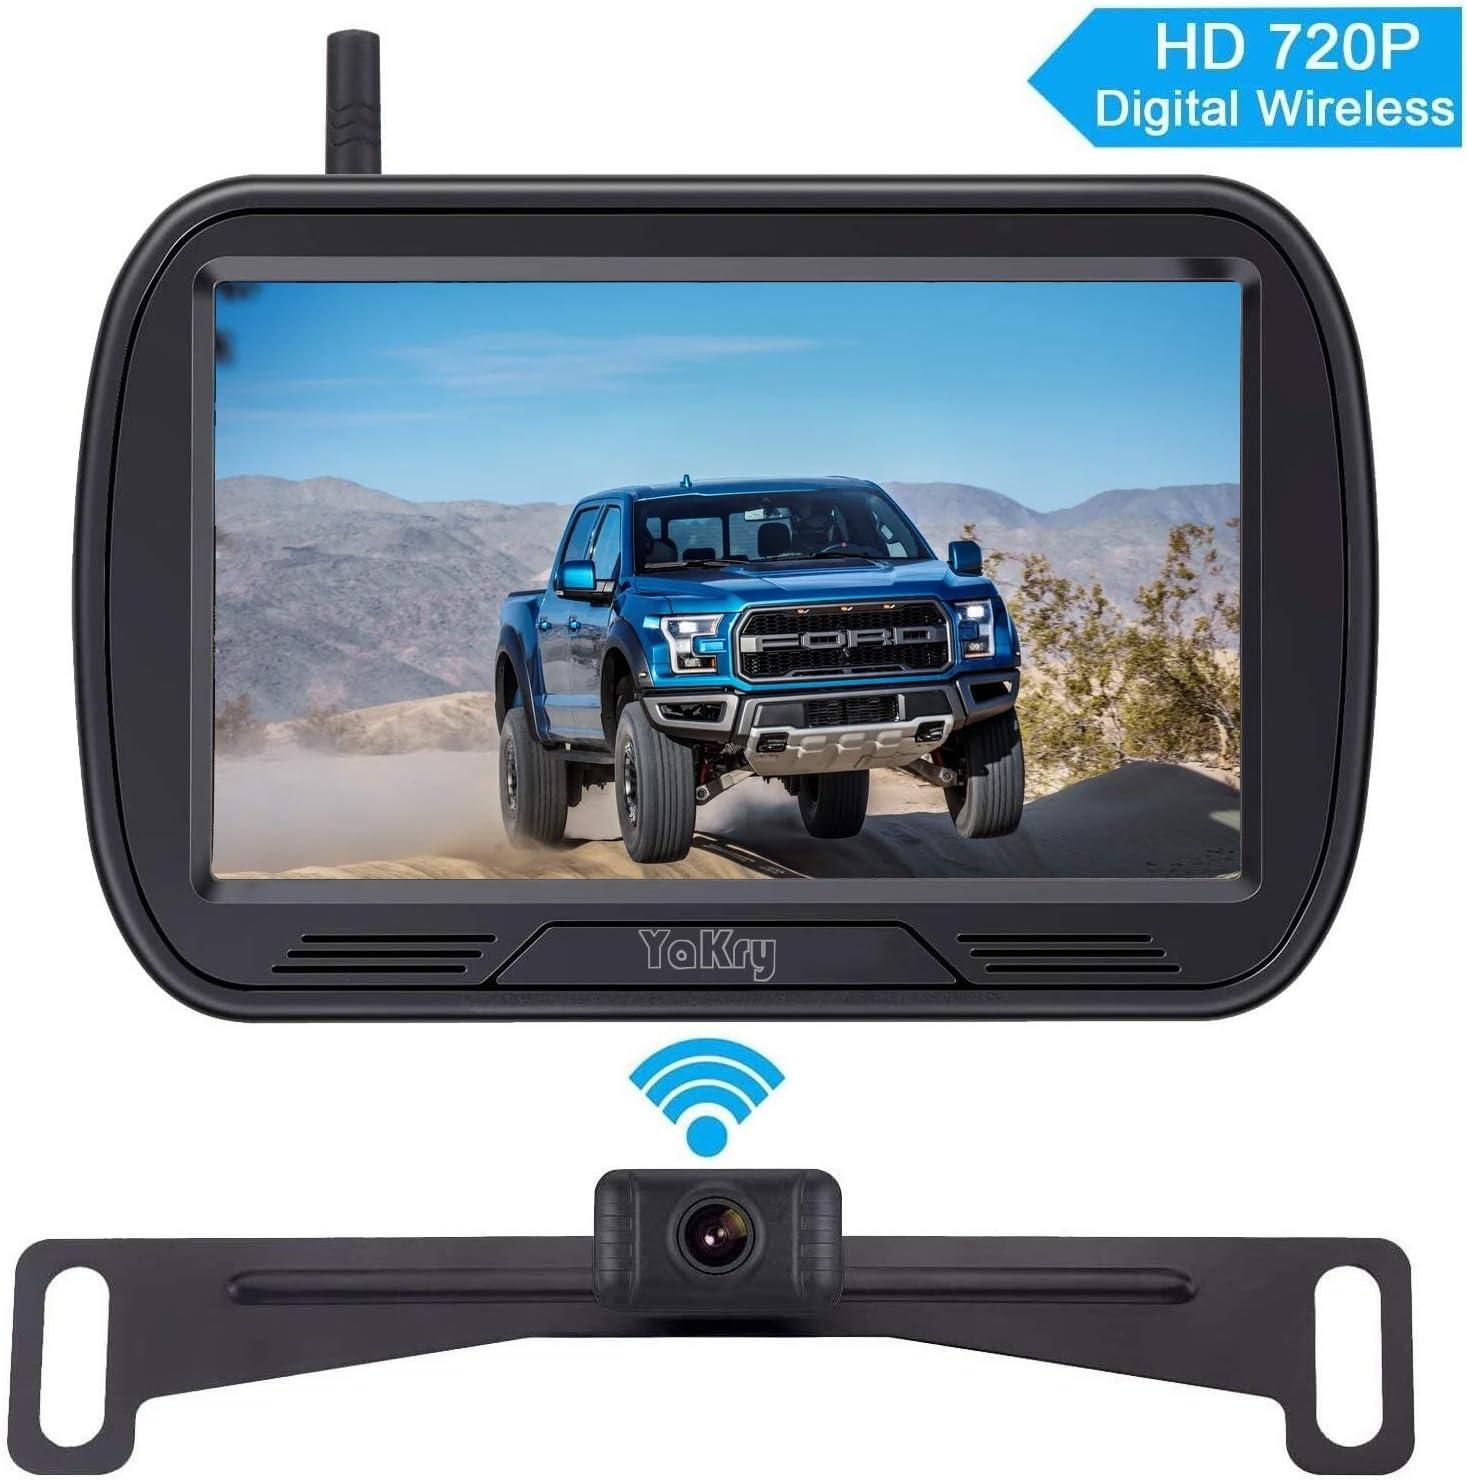 Yakry Y25 HD Digital Wireless Backup Camera System